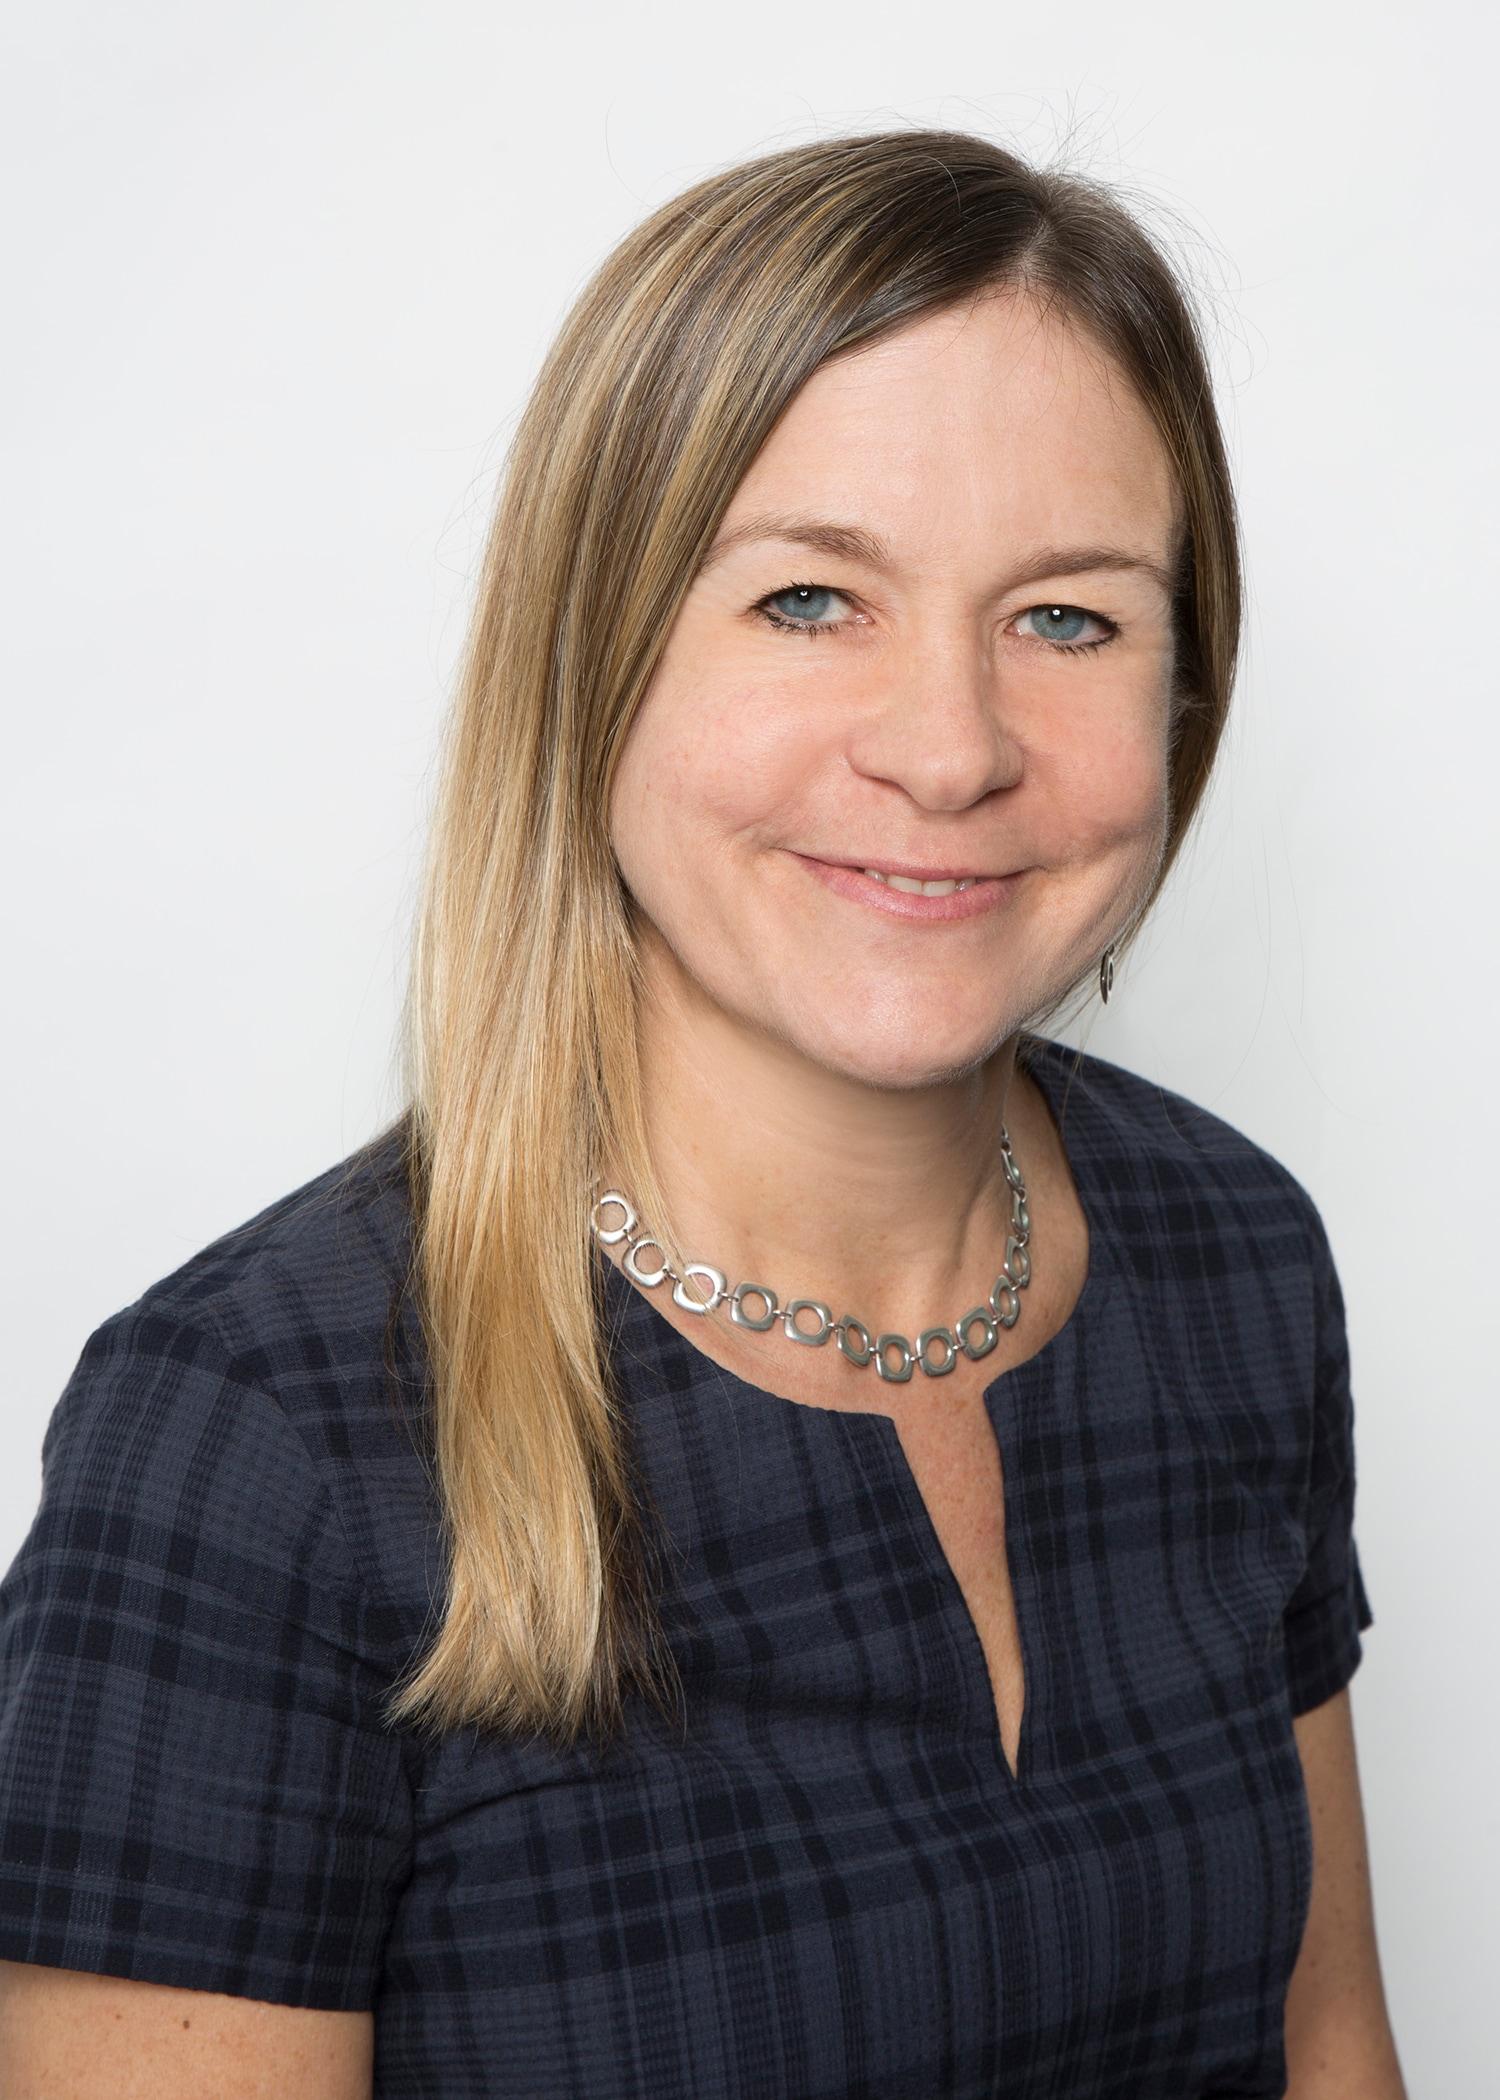 Dr. Cynthia M Murdock MD